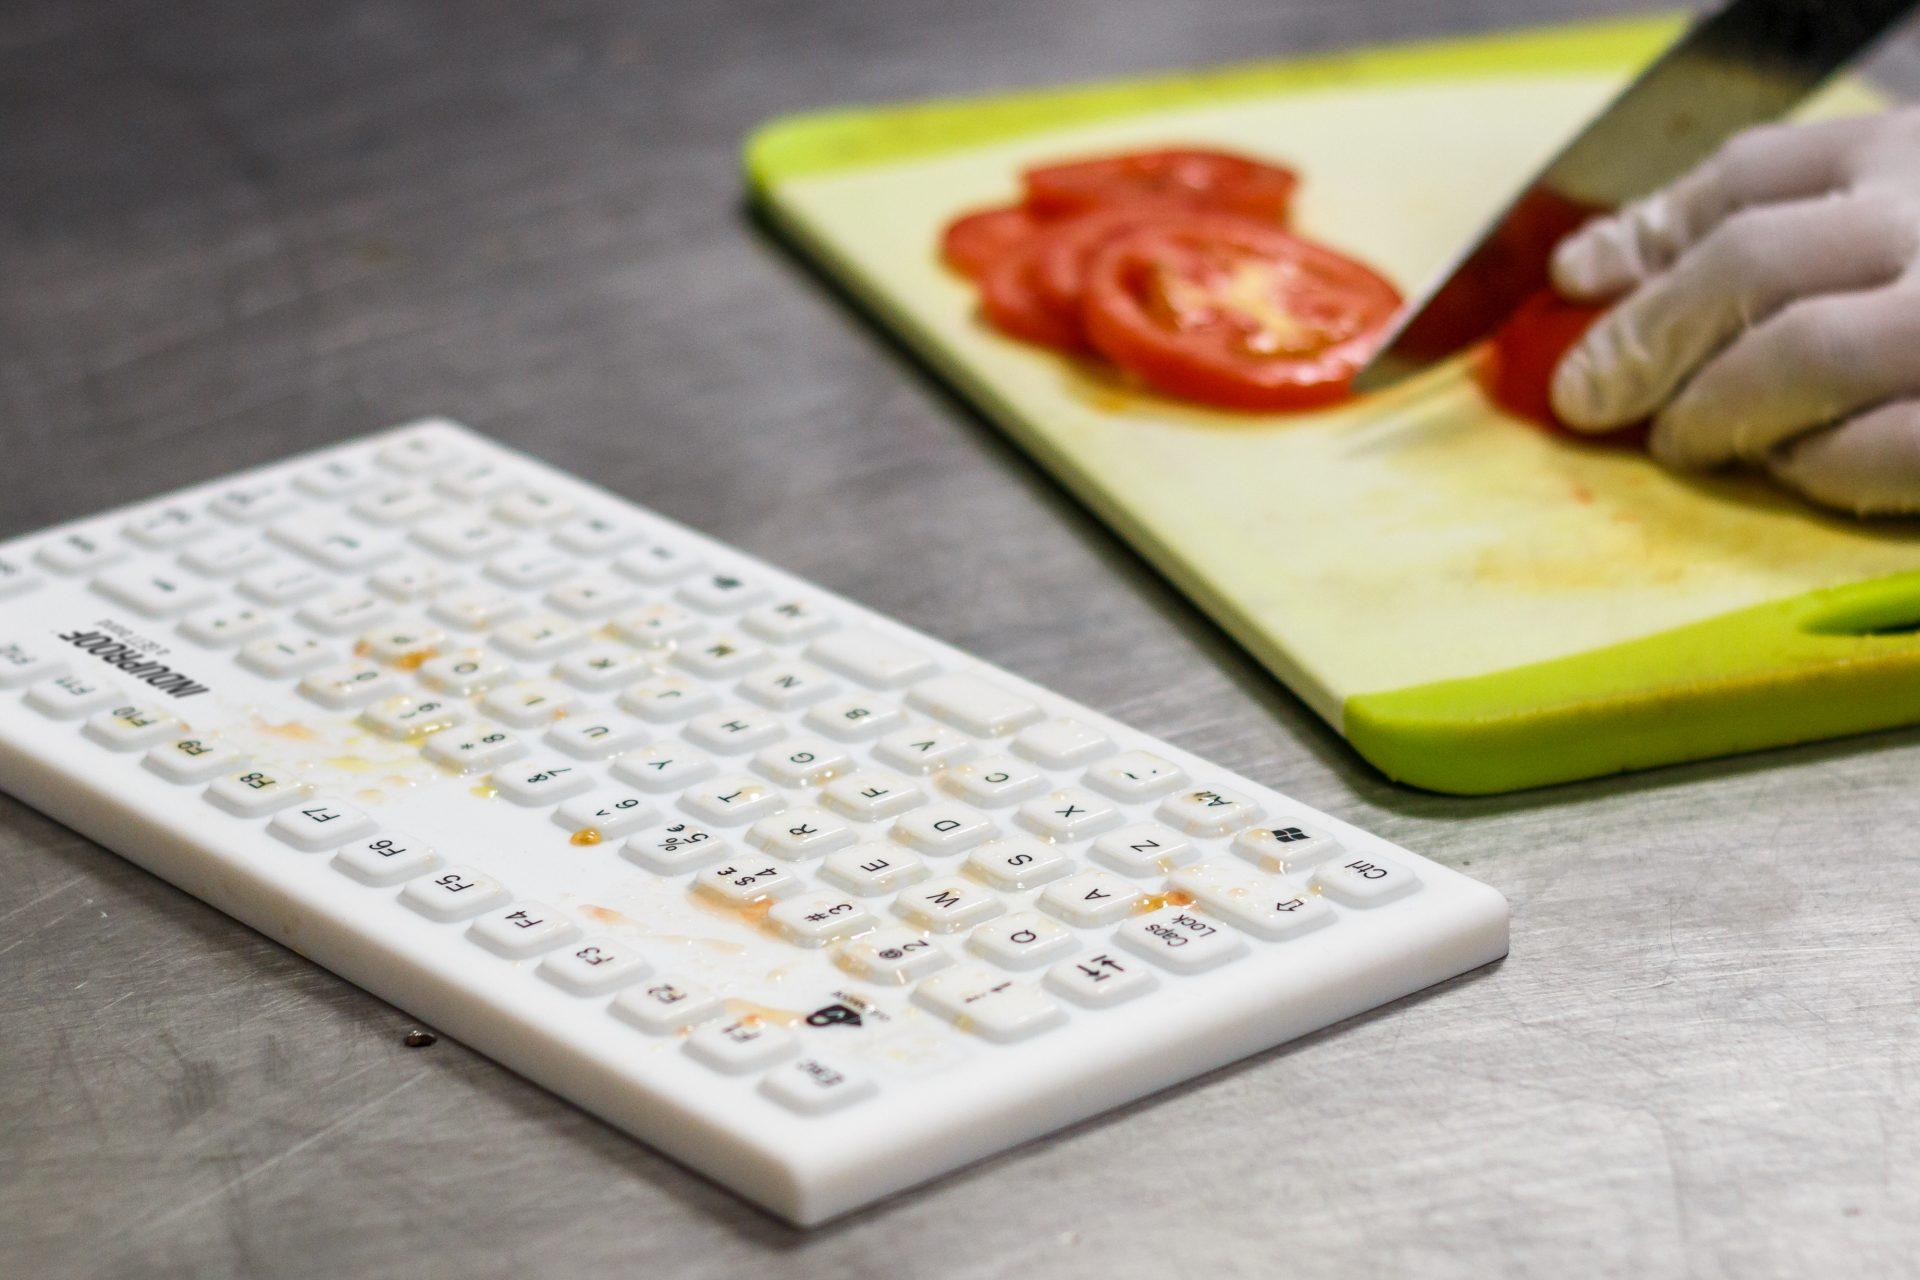 Wasserdichte, hygienische Tastatur aus Silikon